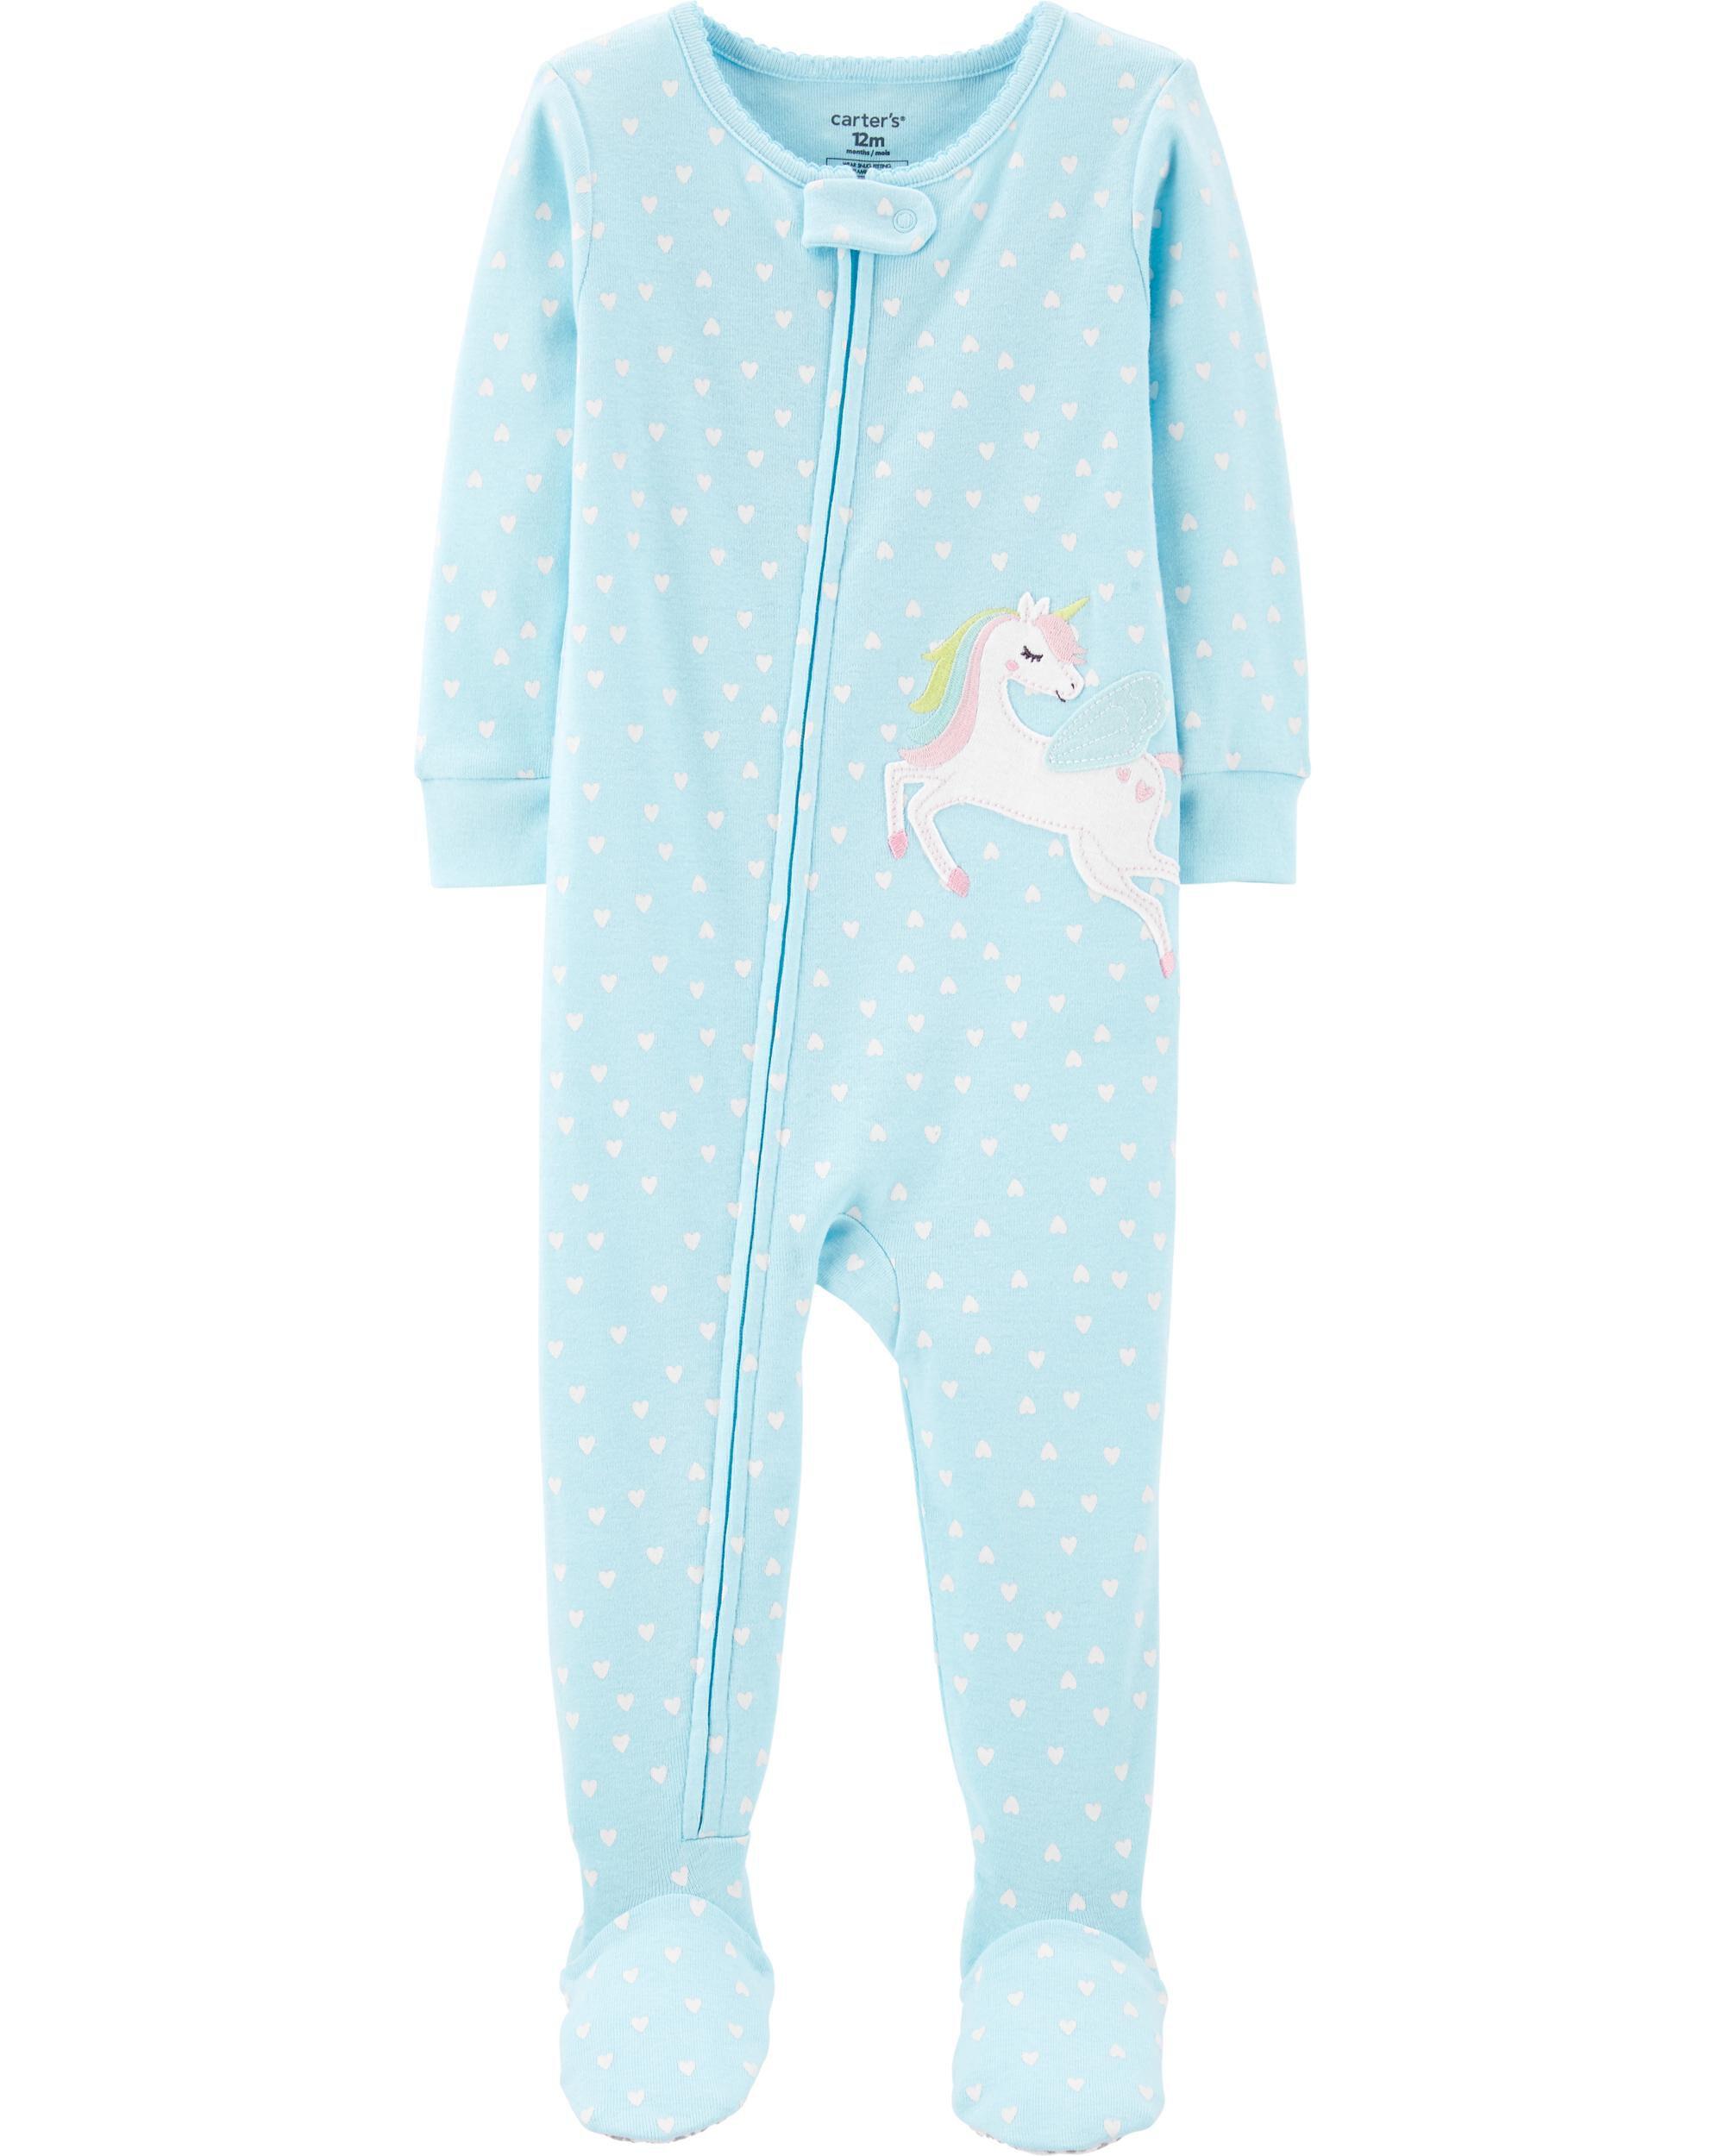 1-Piece Pegasus Snug Fit Cotton Footie PJs